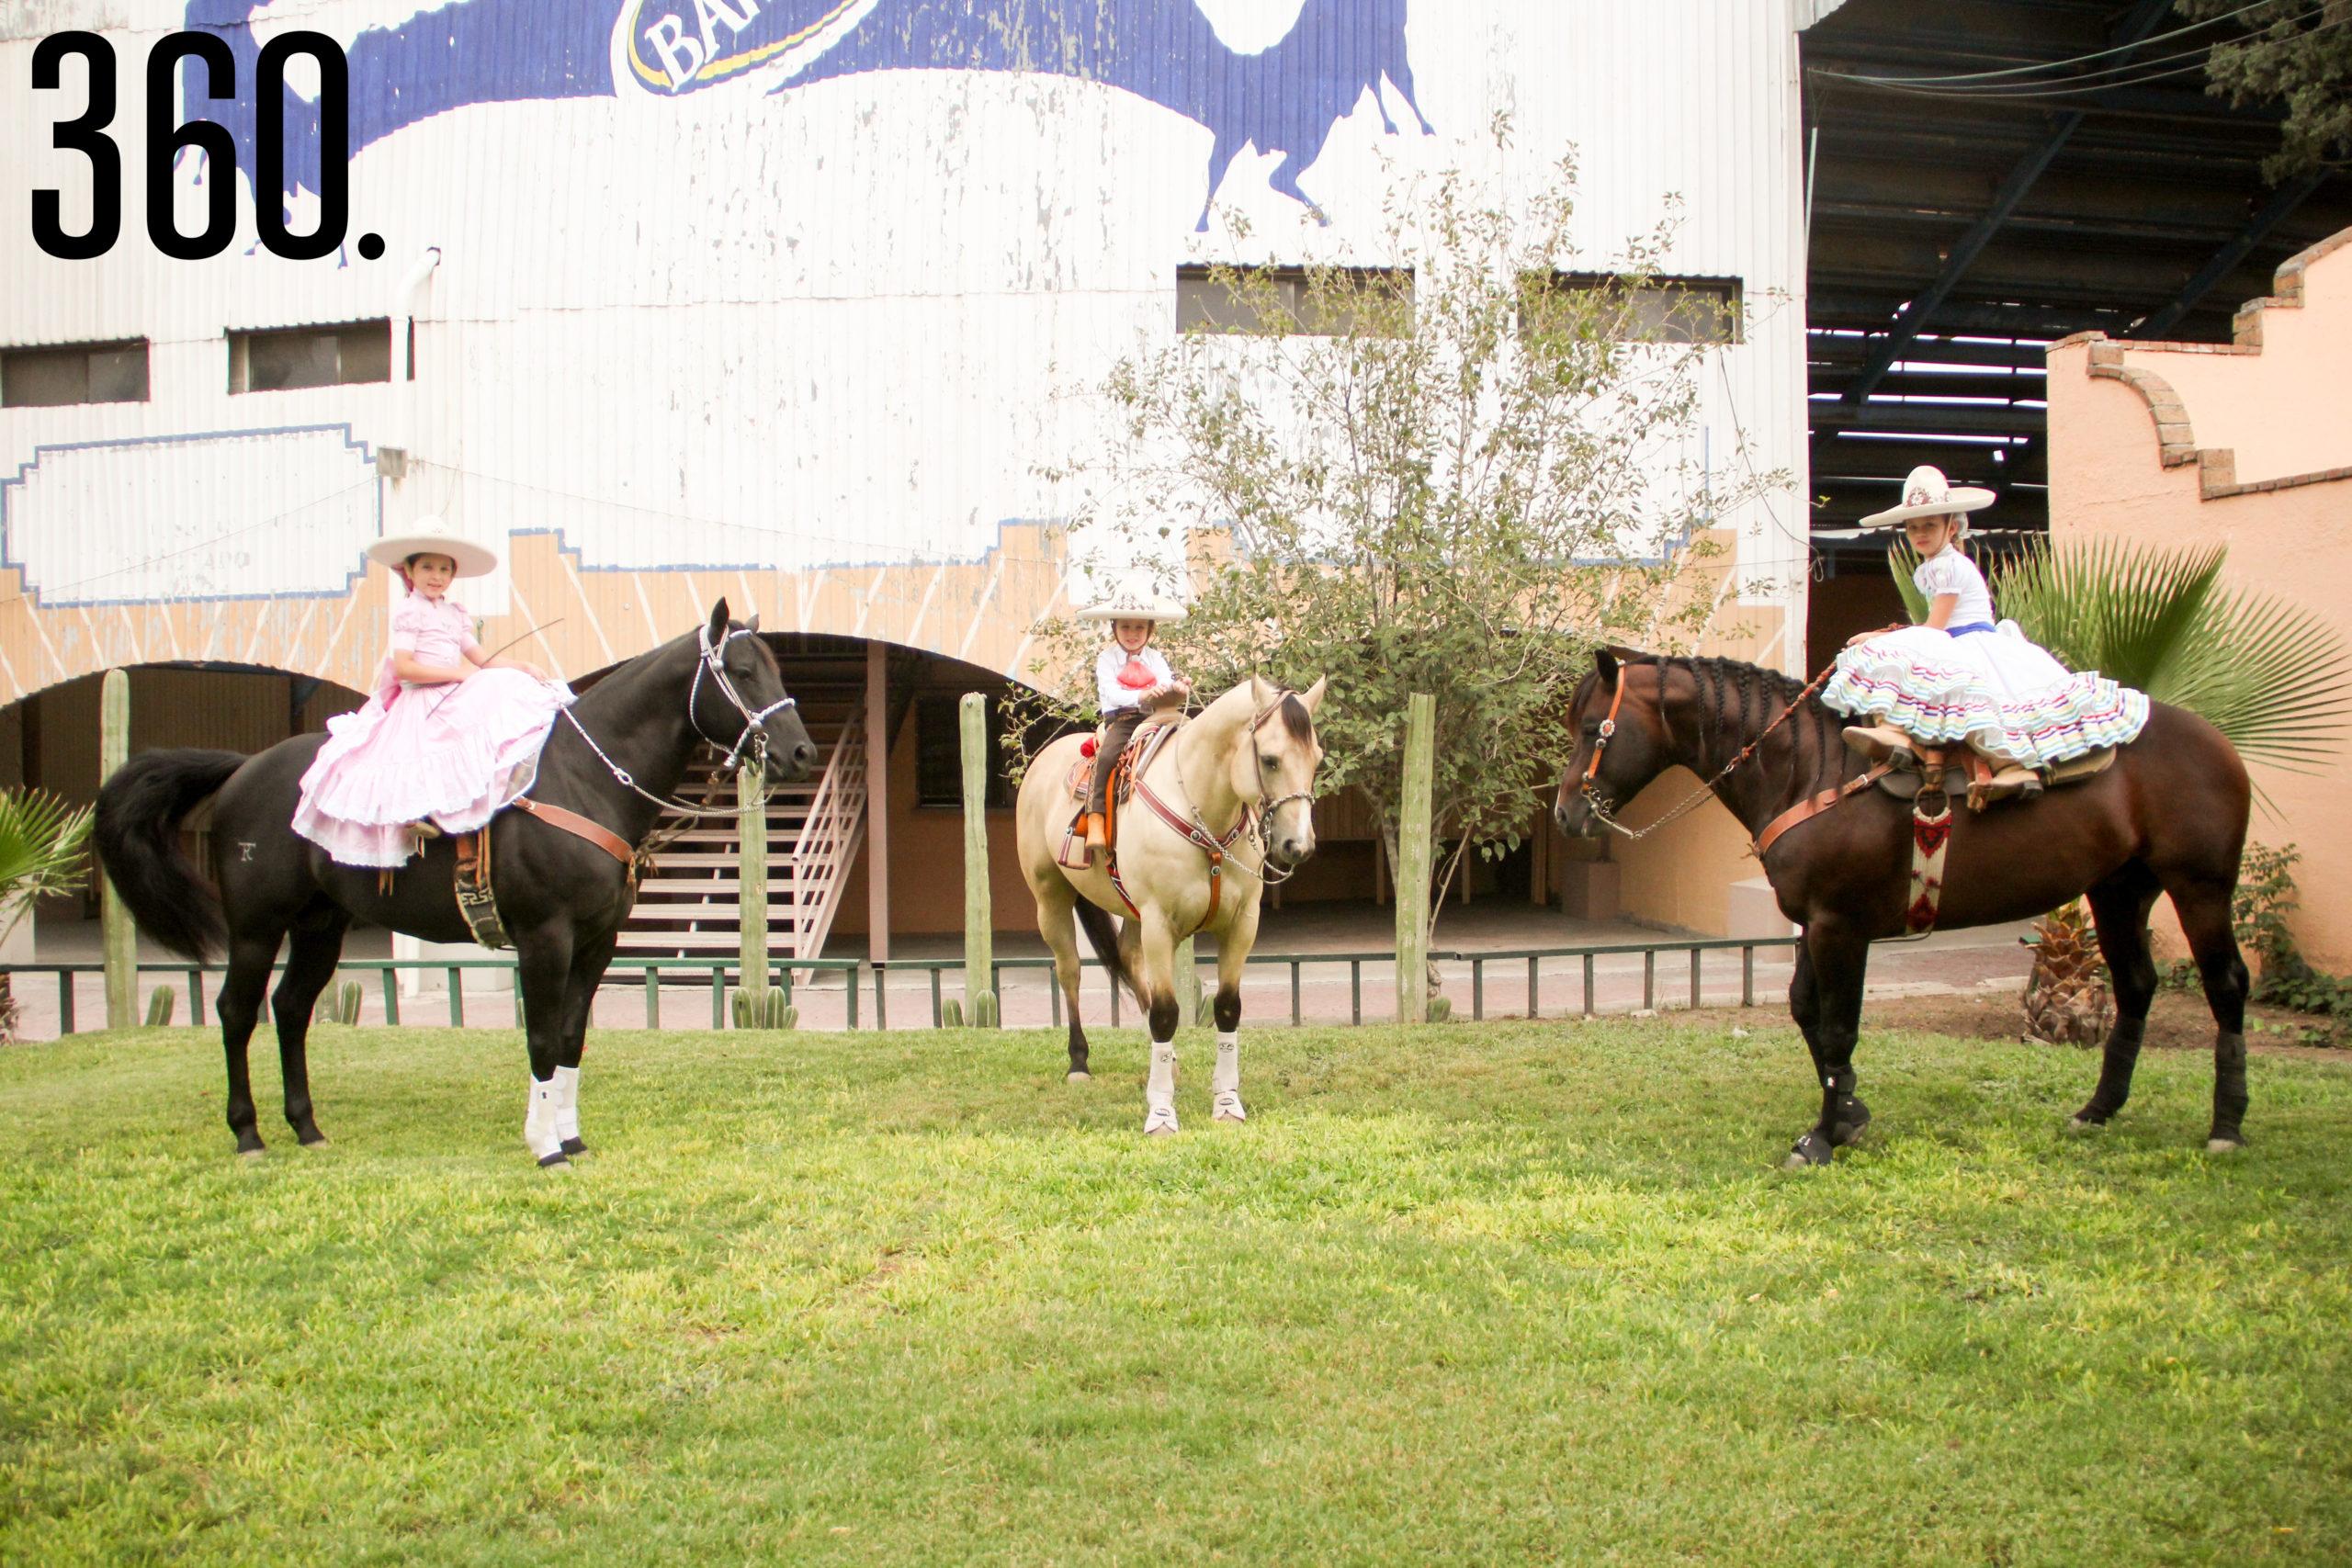 La Federación Mexicana de Charrería, en su reglamento de competencias, considera Categoría Dientes de Leche a los Charros y Escaramuzas de los 5 a los 10 años de edad.